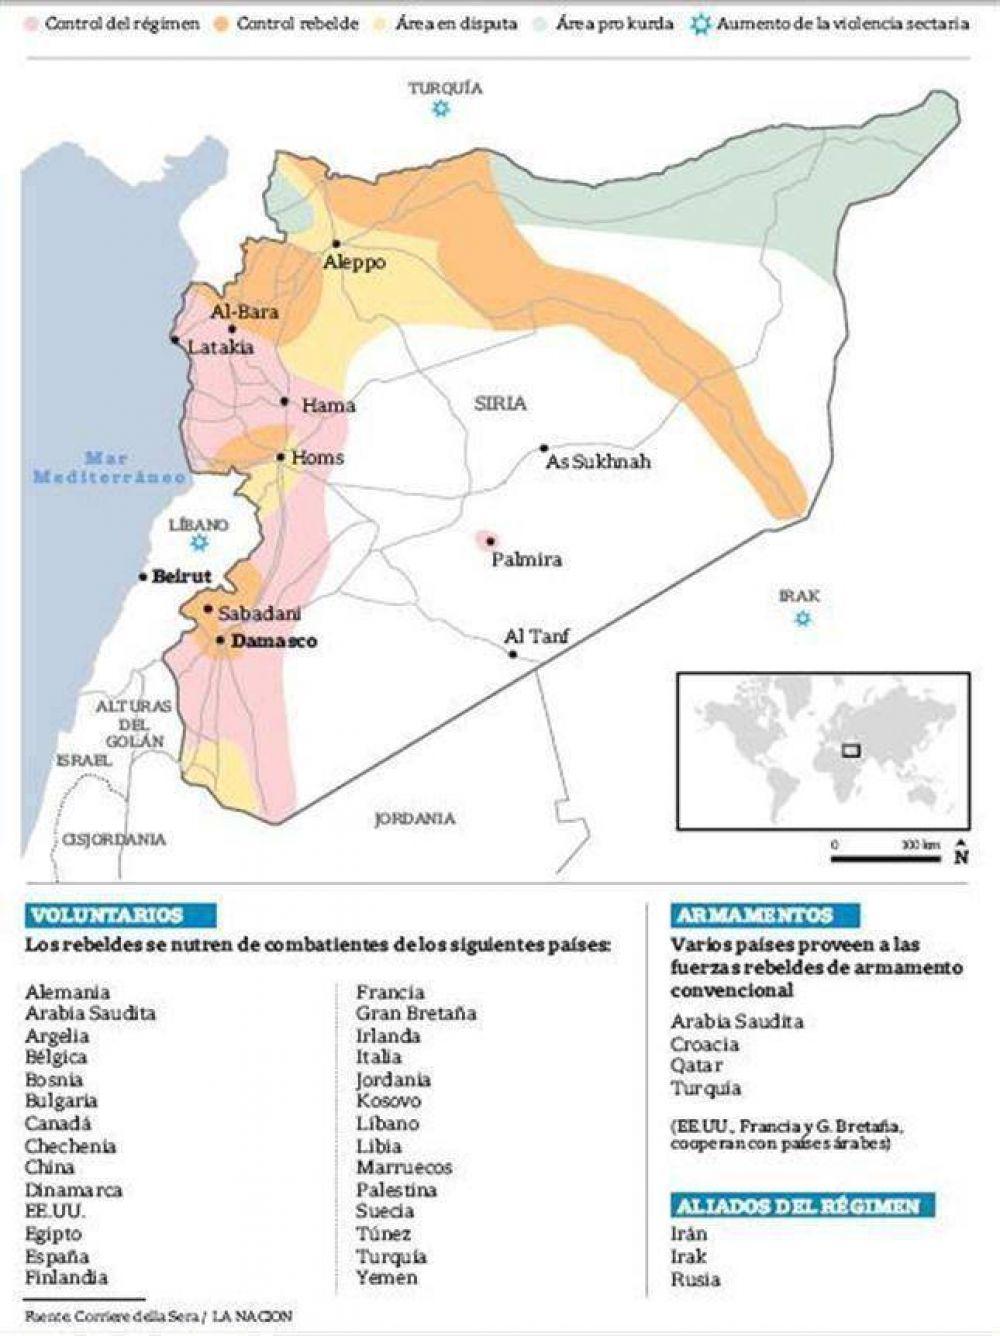 Para apoyar a los rebeldes sirios, Europa levanta un embargo de armas